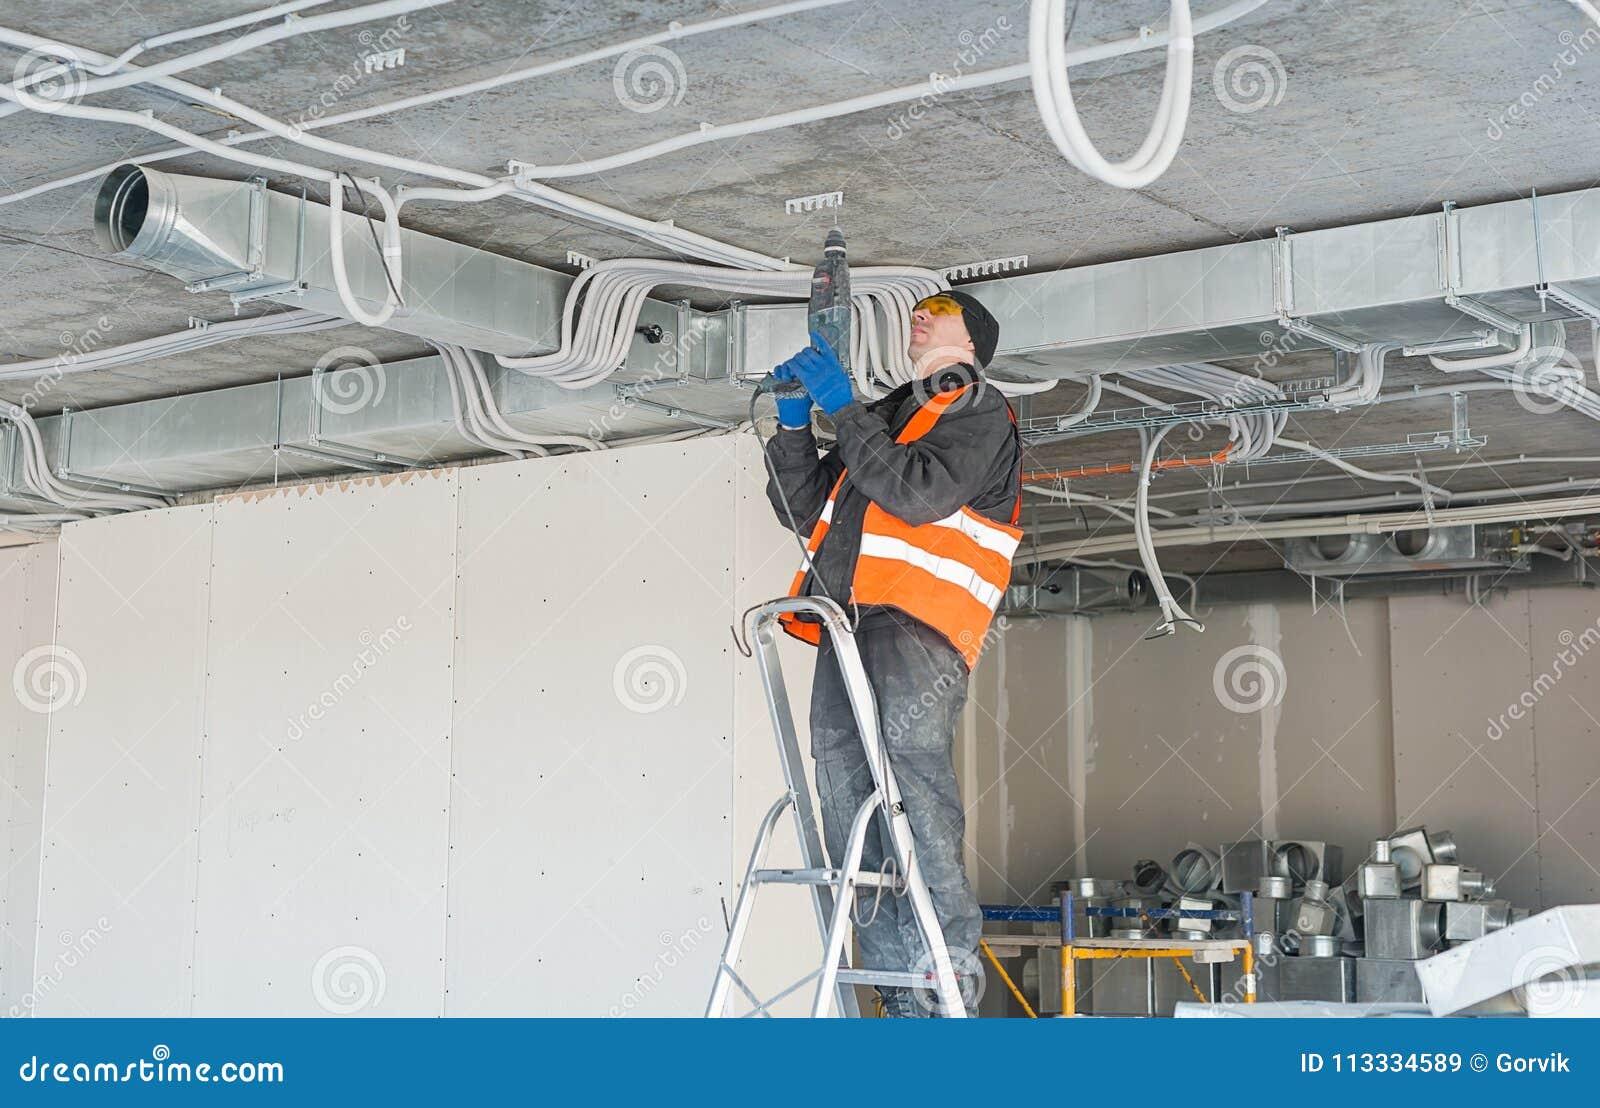 Het proces om het opzetten klemmen voor een golfdraad w te installeren